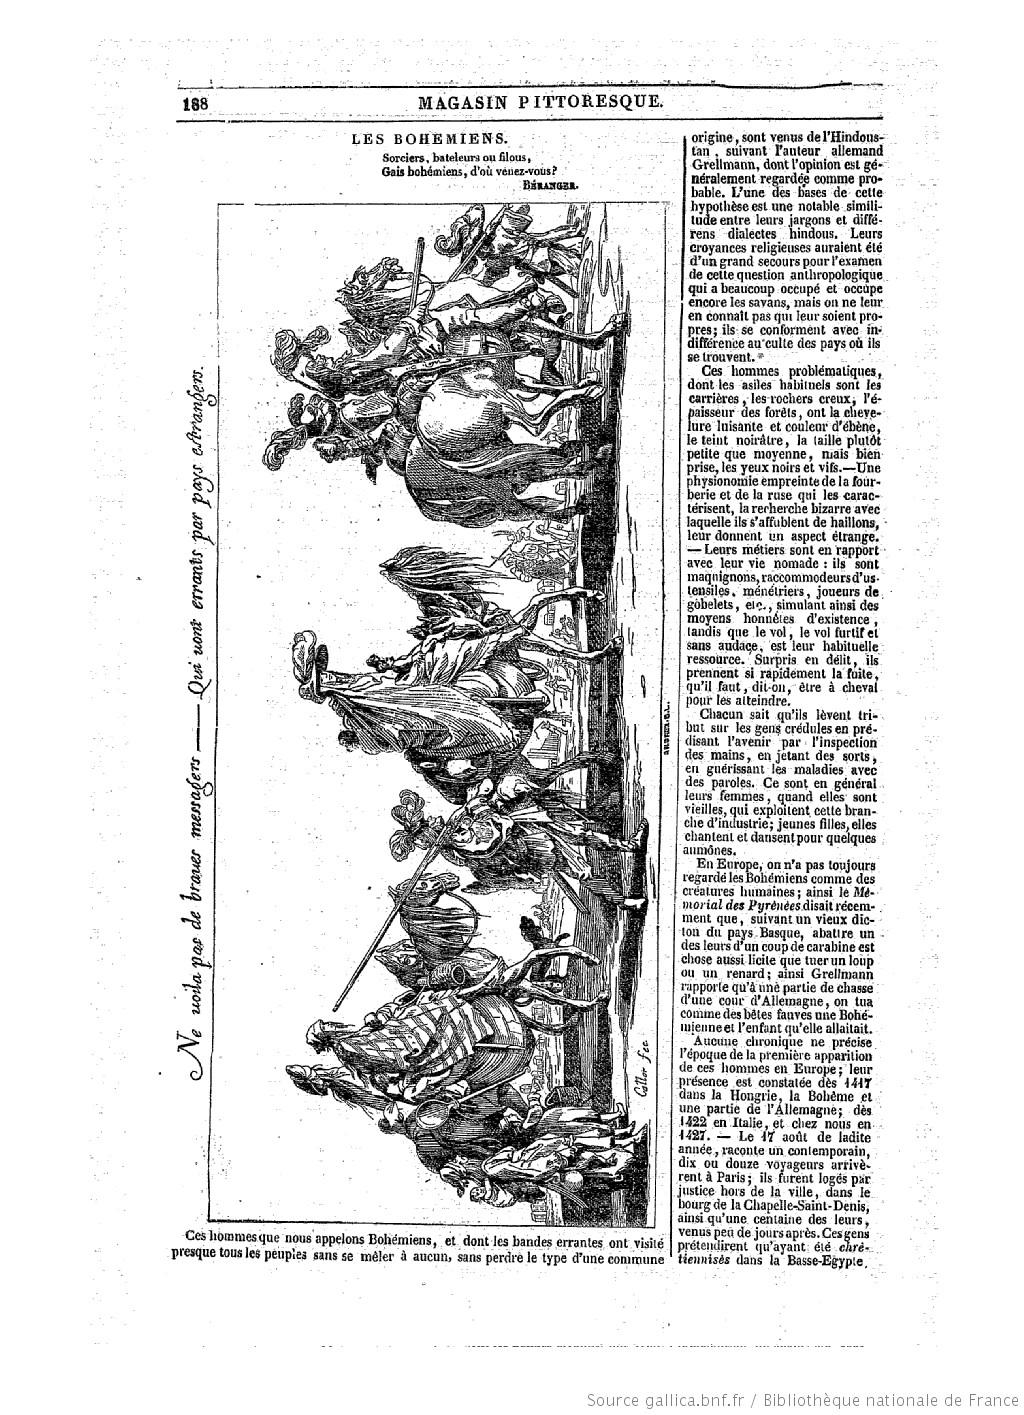 p.188.jpeg - image/jpeg